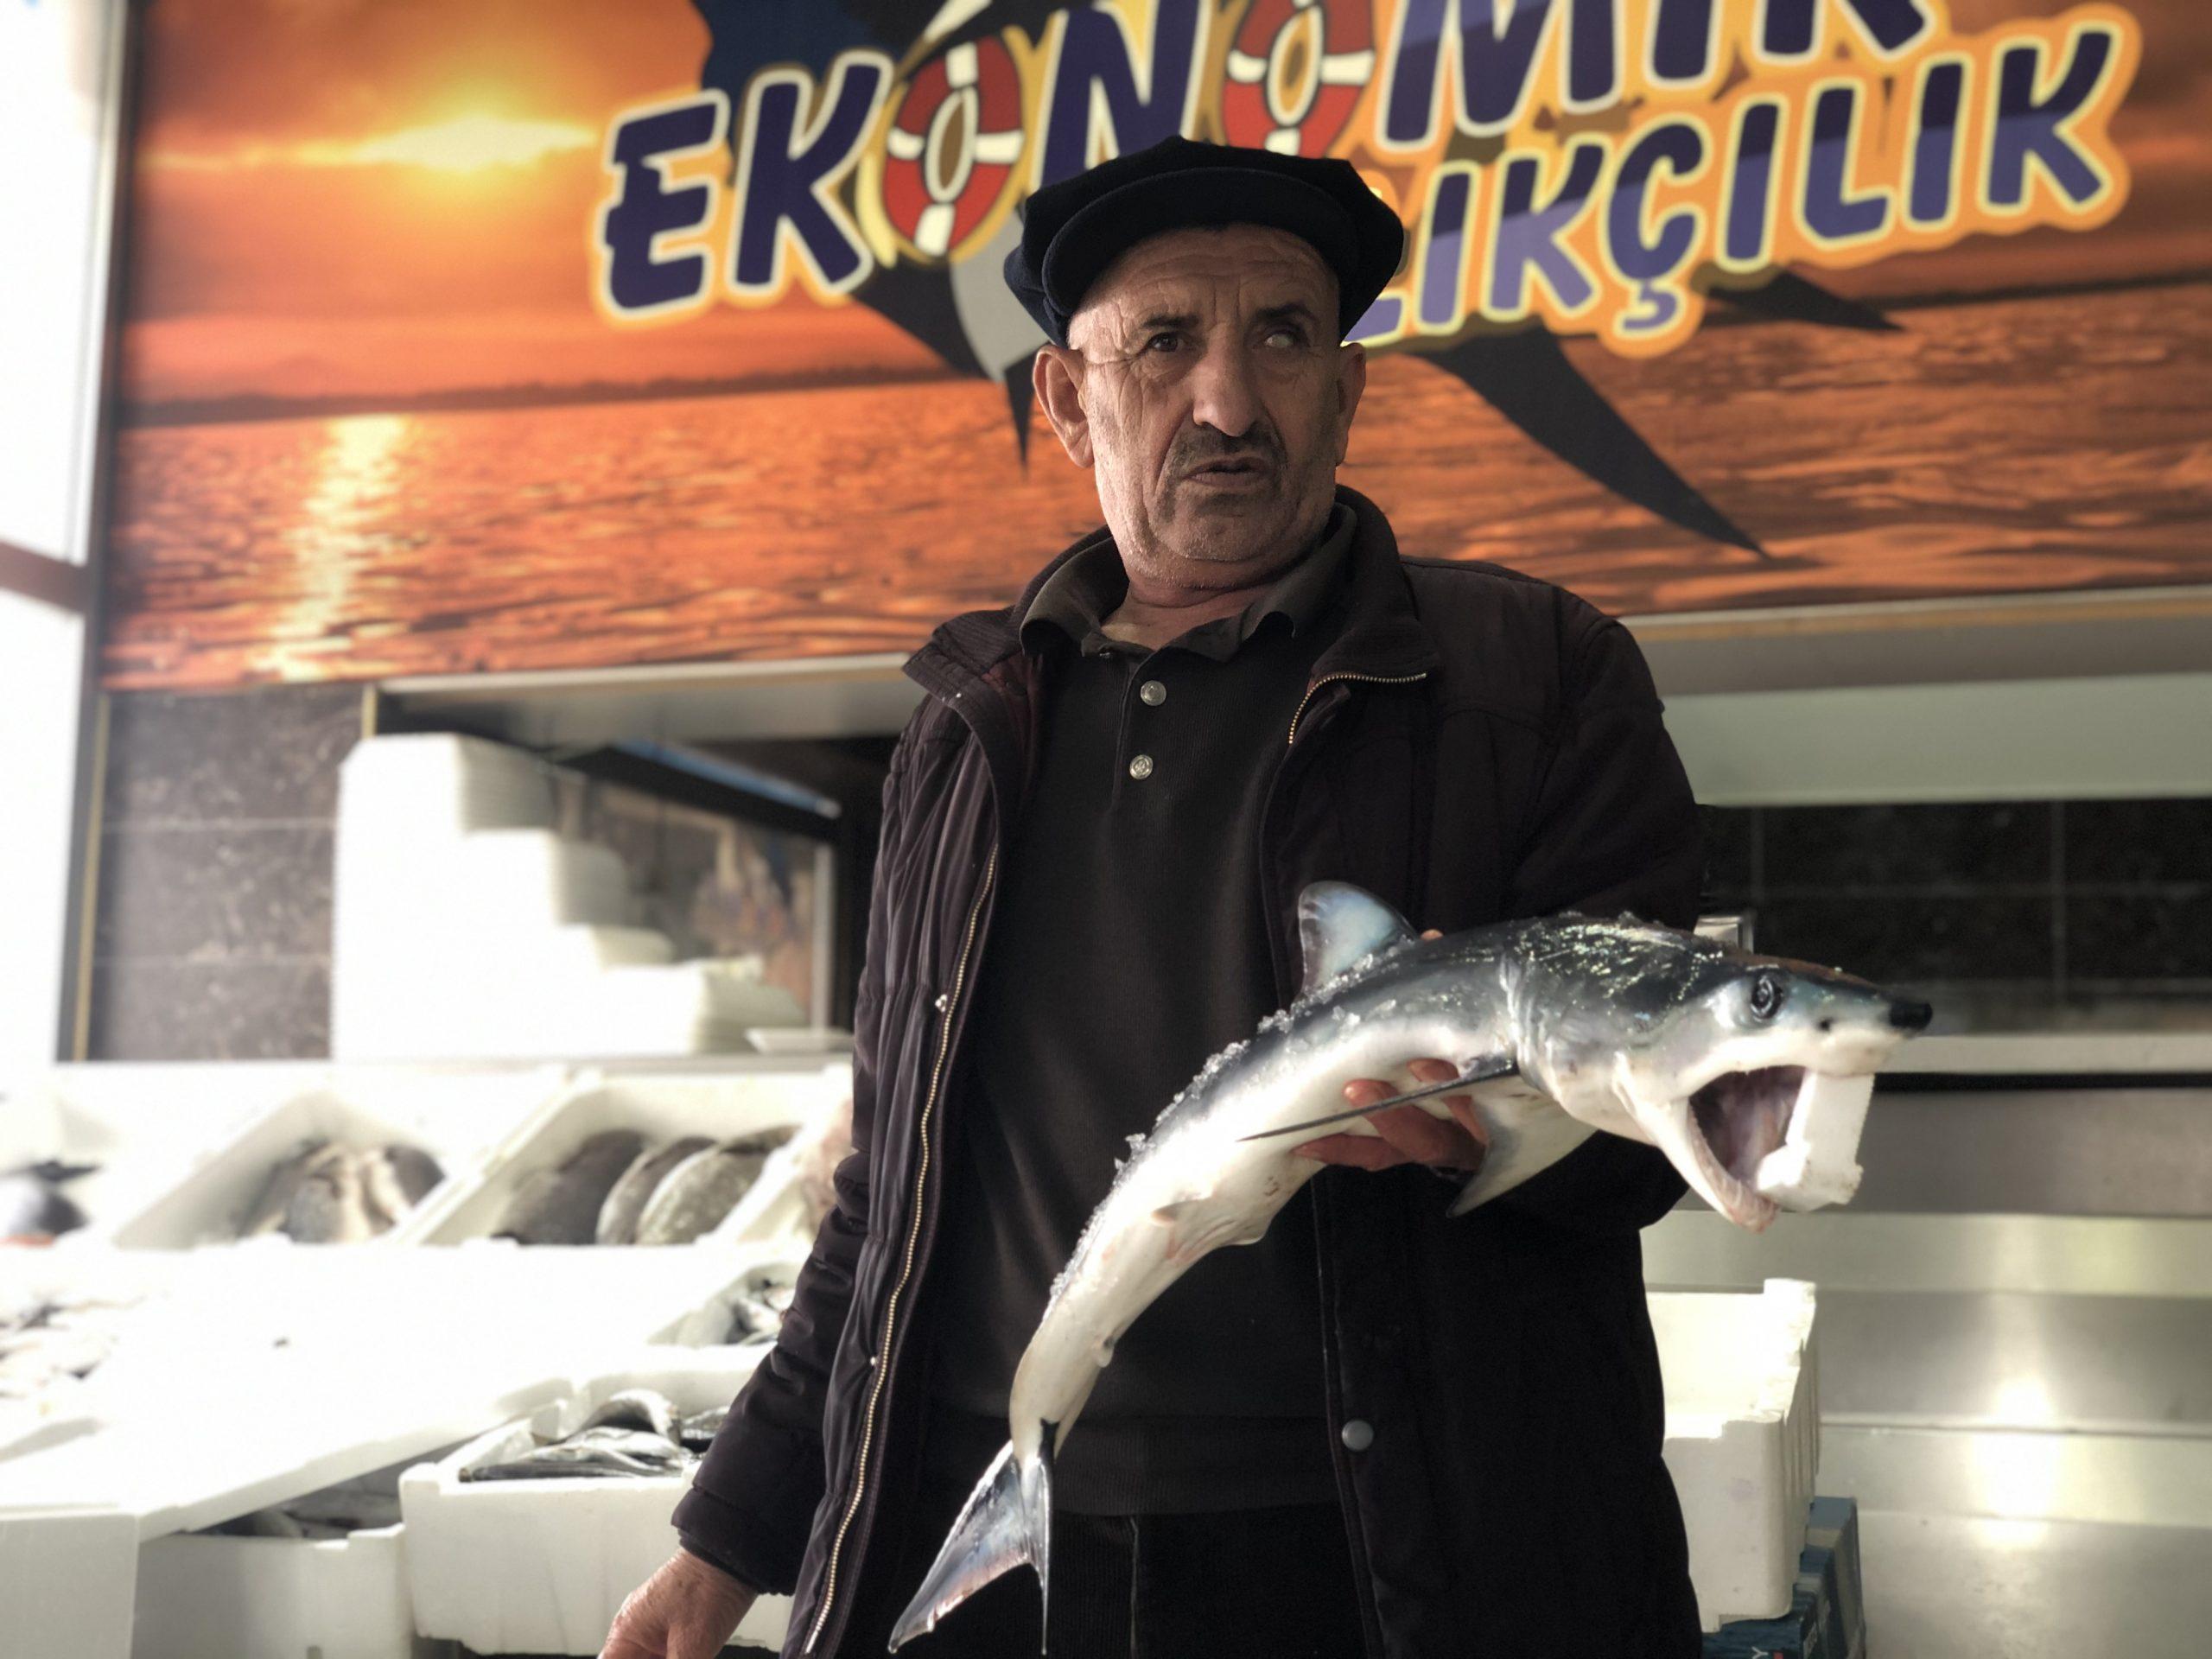 bal%C4%B1k%C3%A7%C4%B1-u%C4%9Fur-1-scaledEldeki balık kokusu nasıl çıkar?